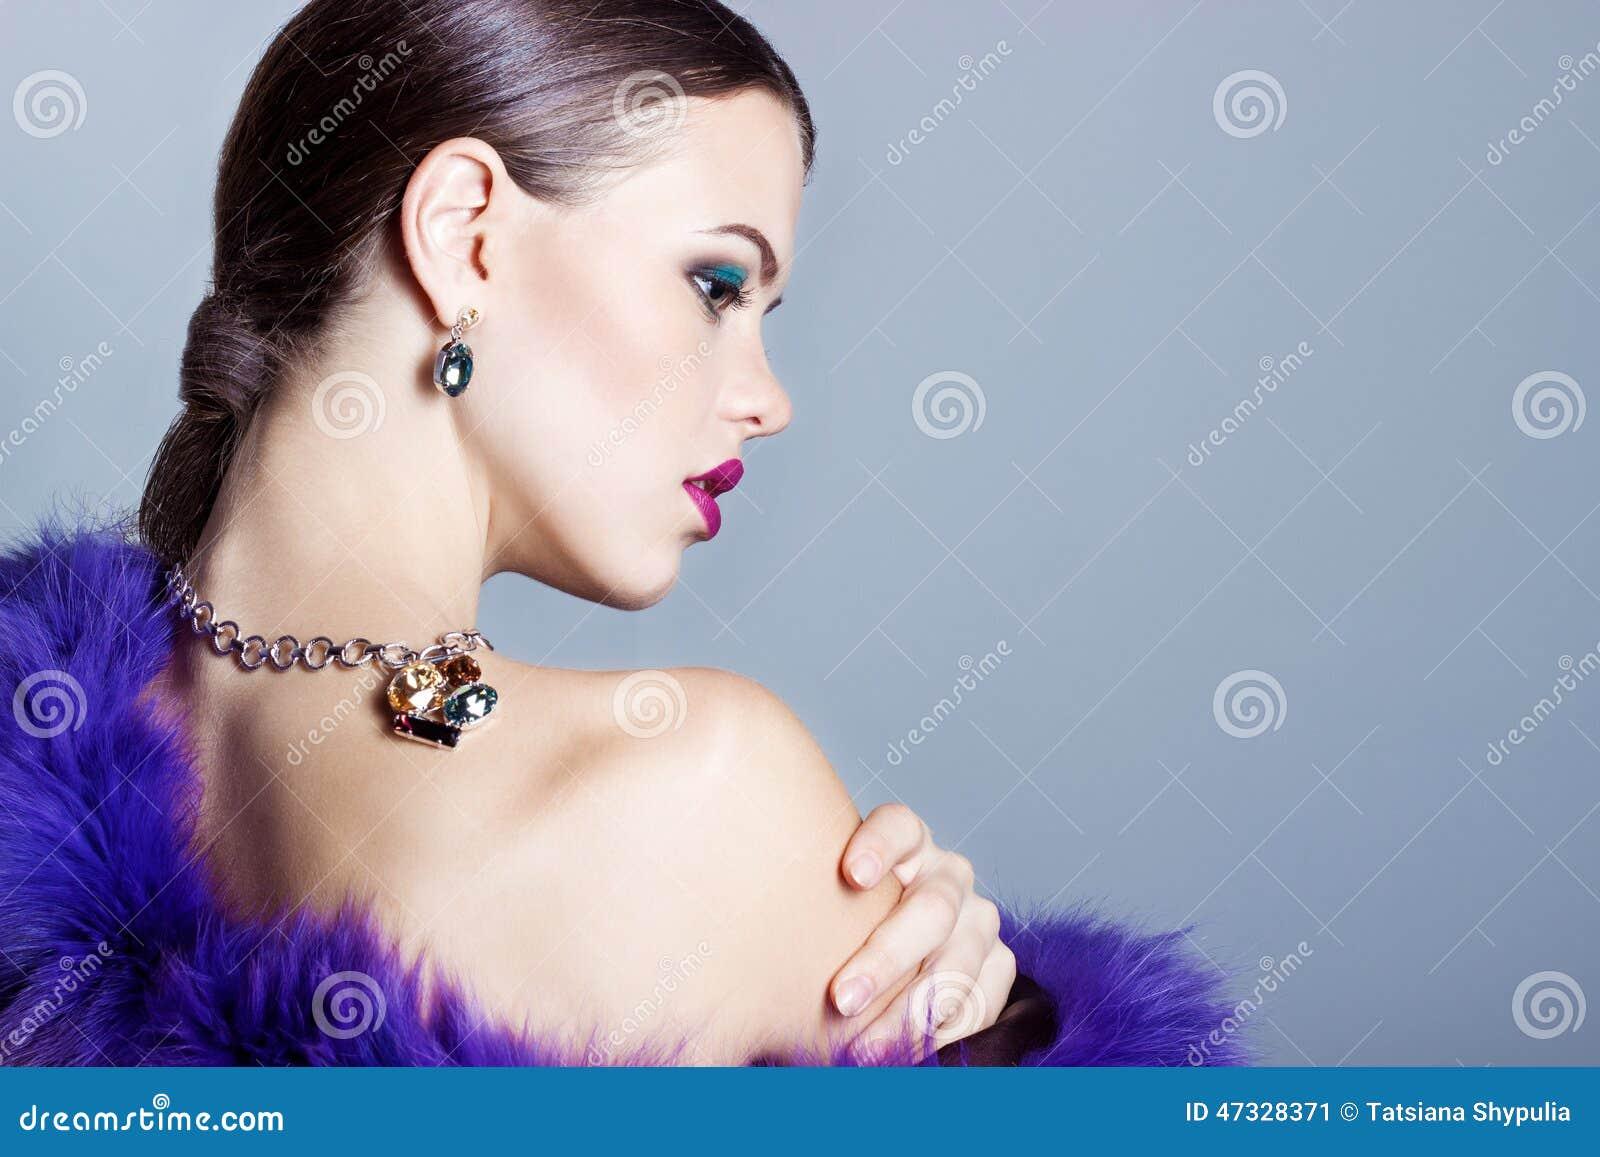 Härlig ung flicka med härliga stilfulla dyra smycken, halsband, örhängen, armband, cirkel som filmar i studion